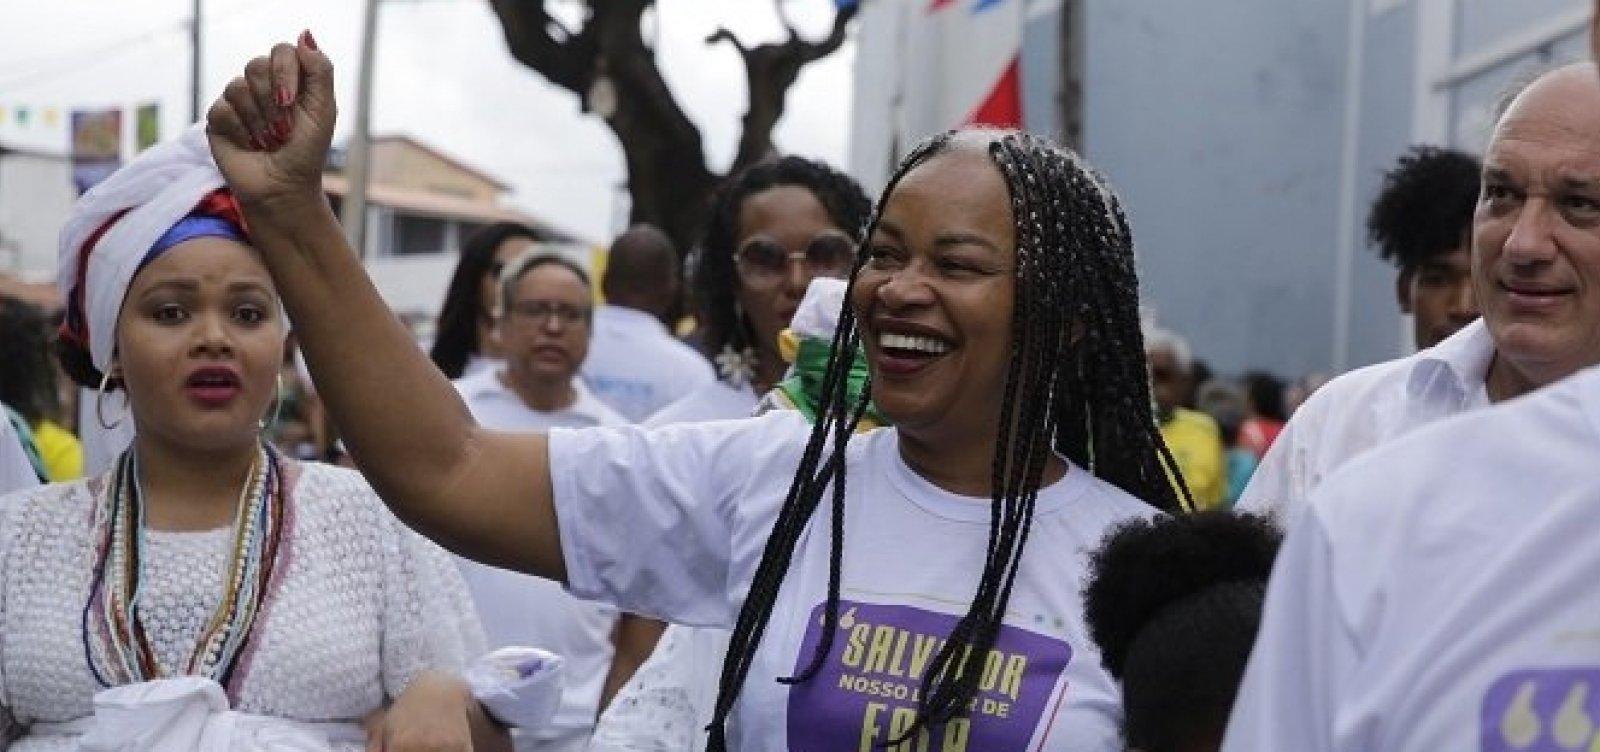 [Olívia Santana é anunciada como pré-candidata do PCdoB à prefeitura de Salvador]